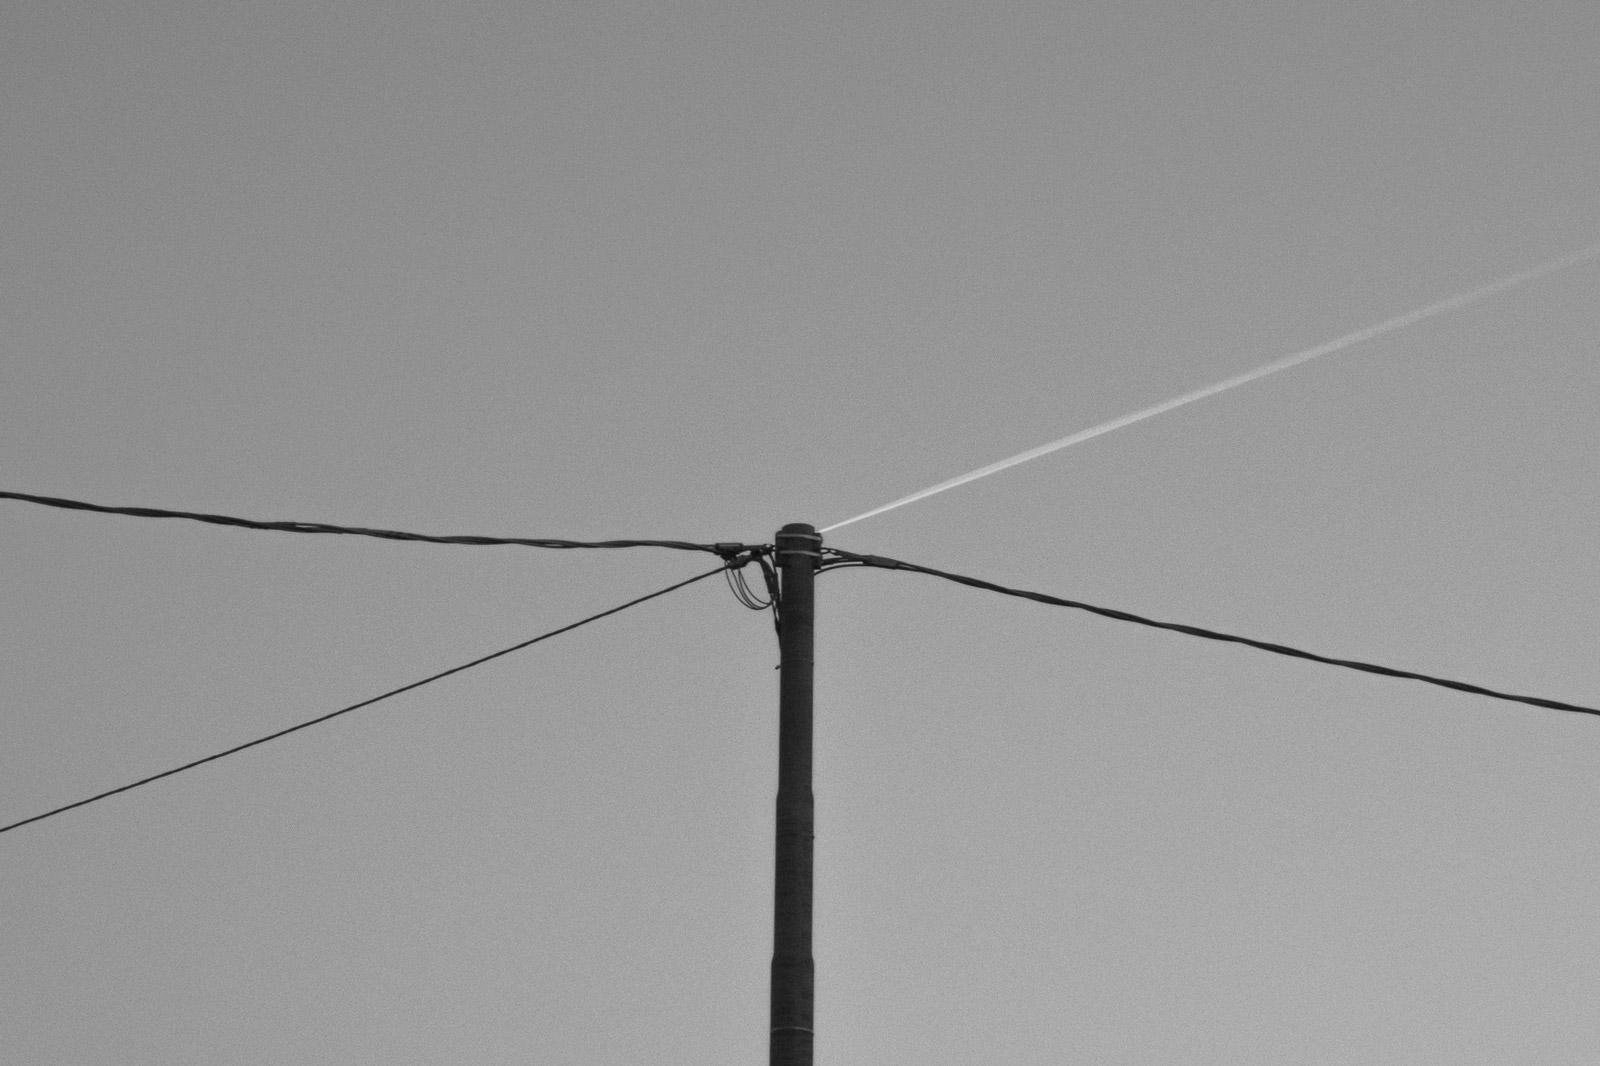 P2190188-come-oggetto-avanzato-1-1